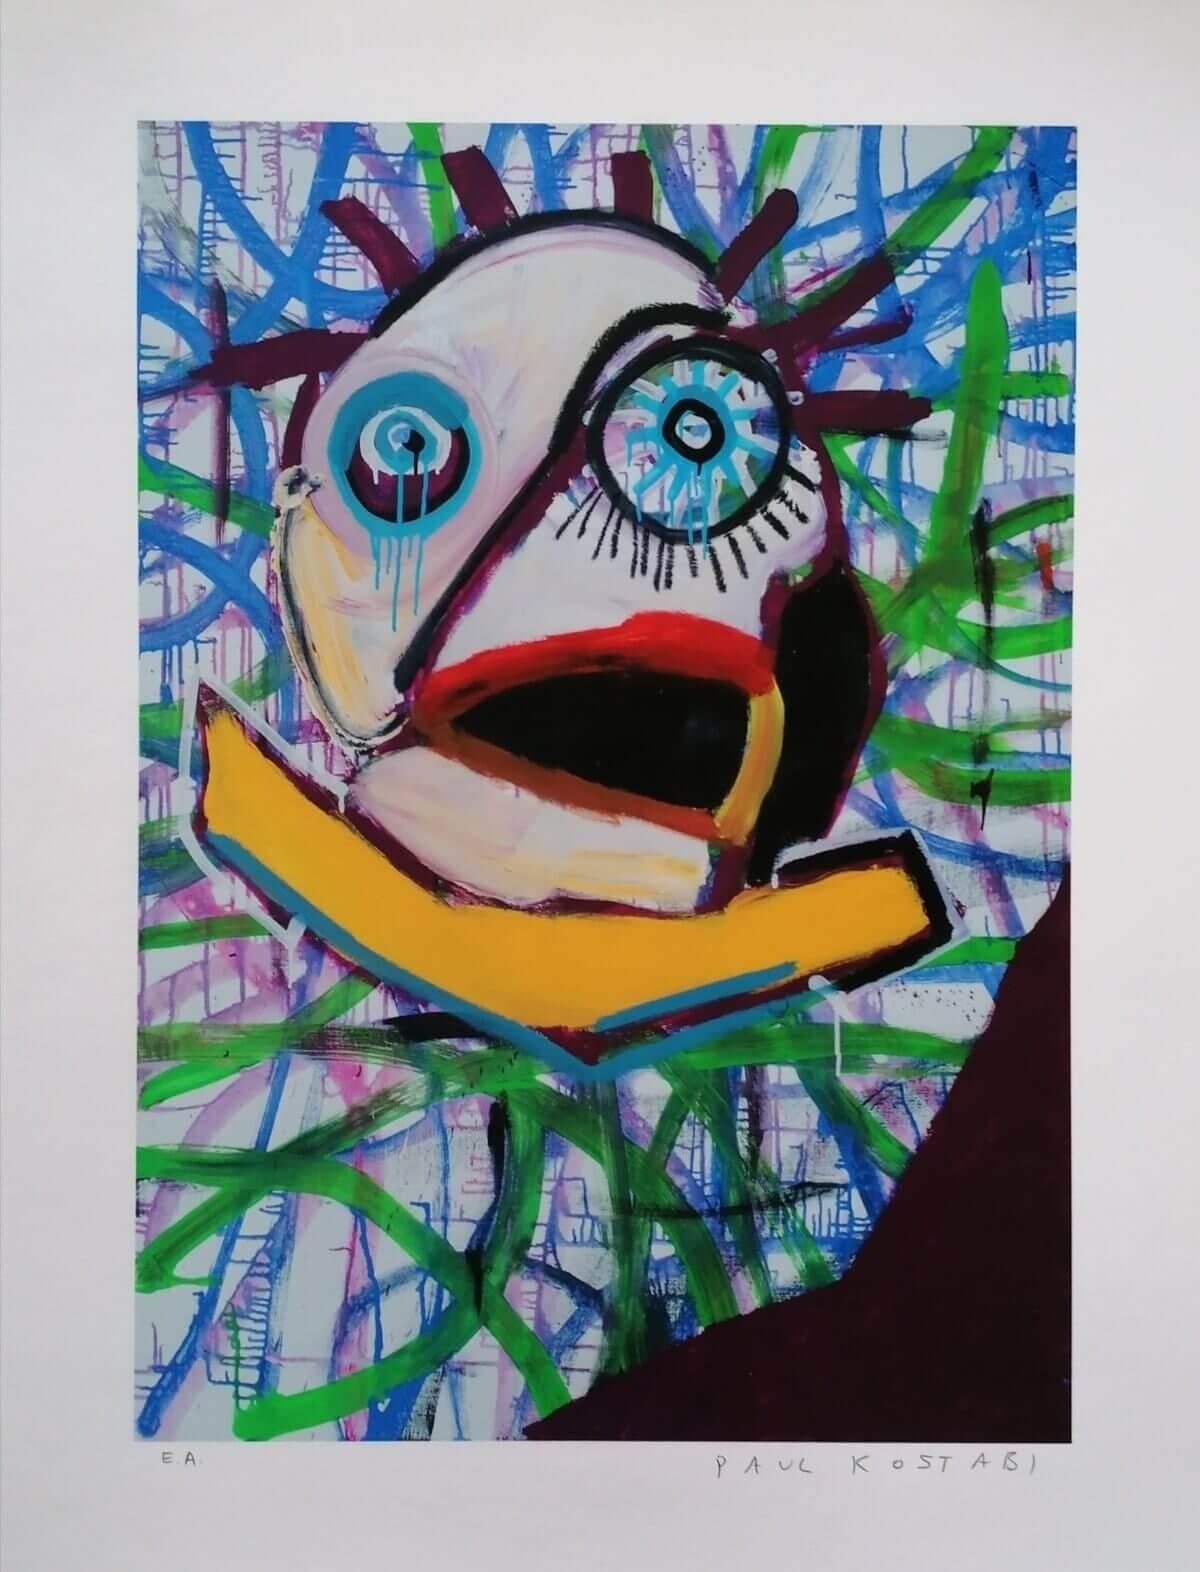 Paul-Kostabi-kunst-müük